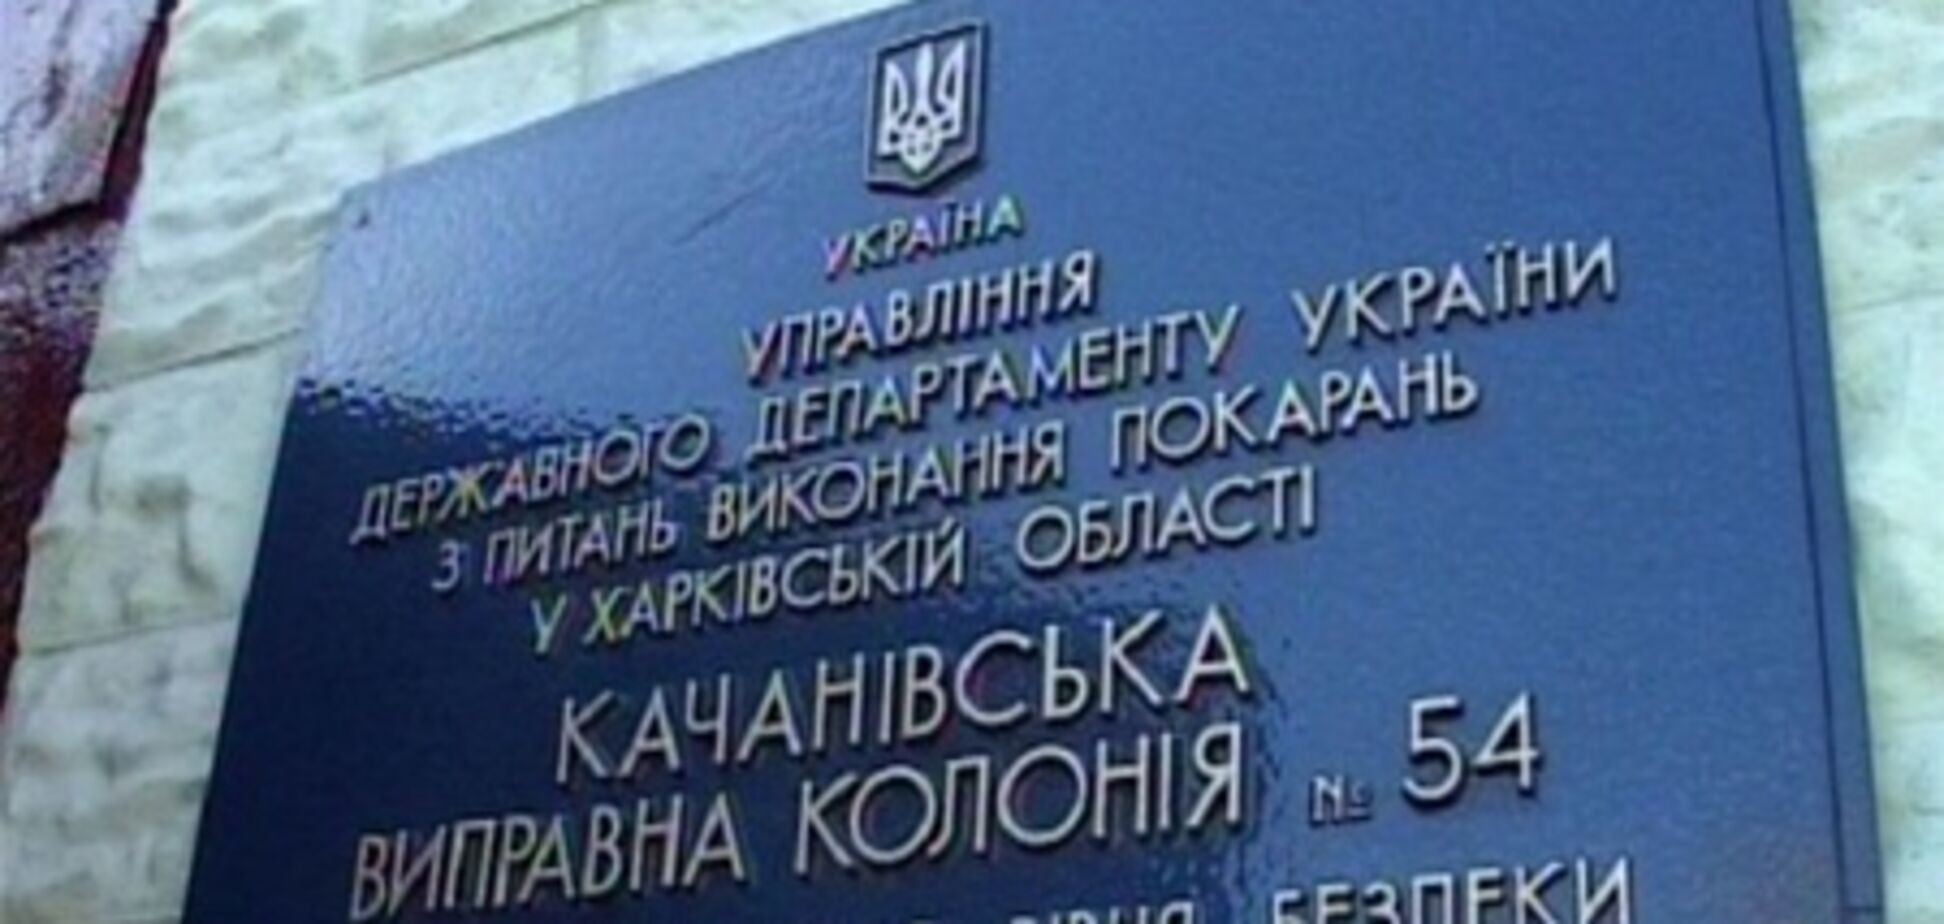 Депутаты от БЮТ приехали в Харьков на свидание с Тимошенко